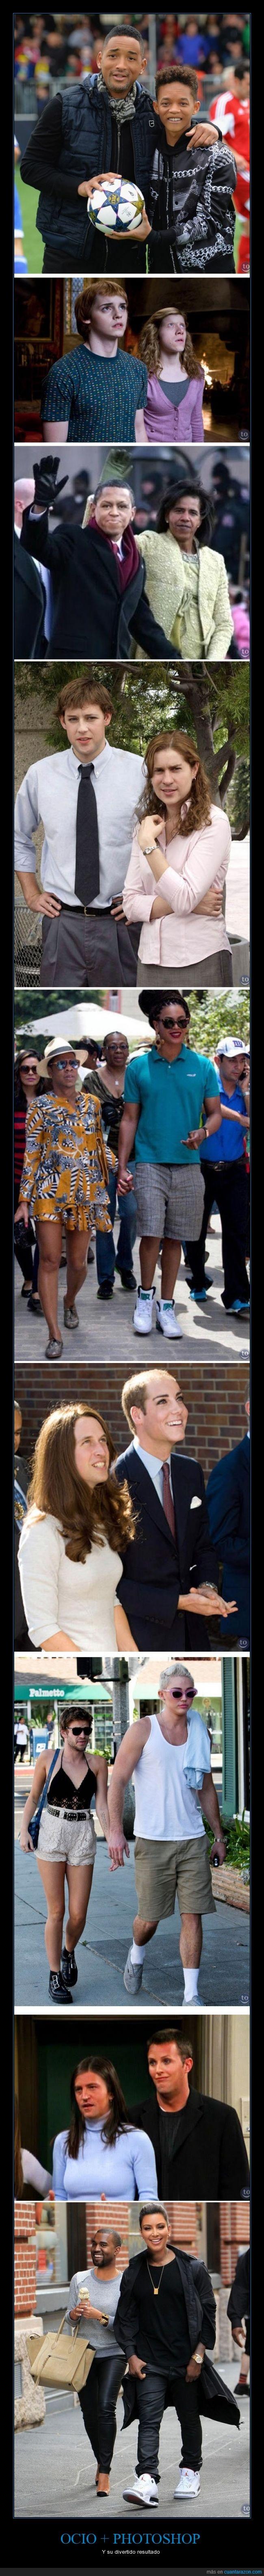 actores,cambio de caras,famosos,gracioso,obama,photoshop,will smith